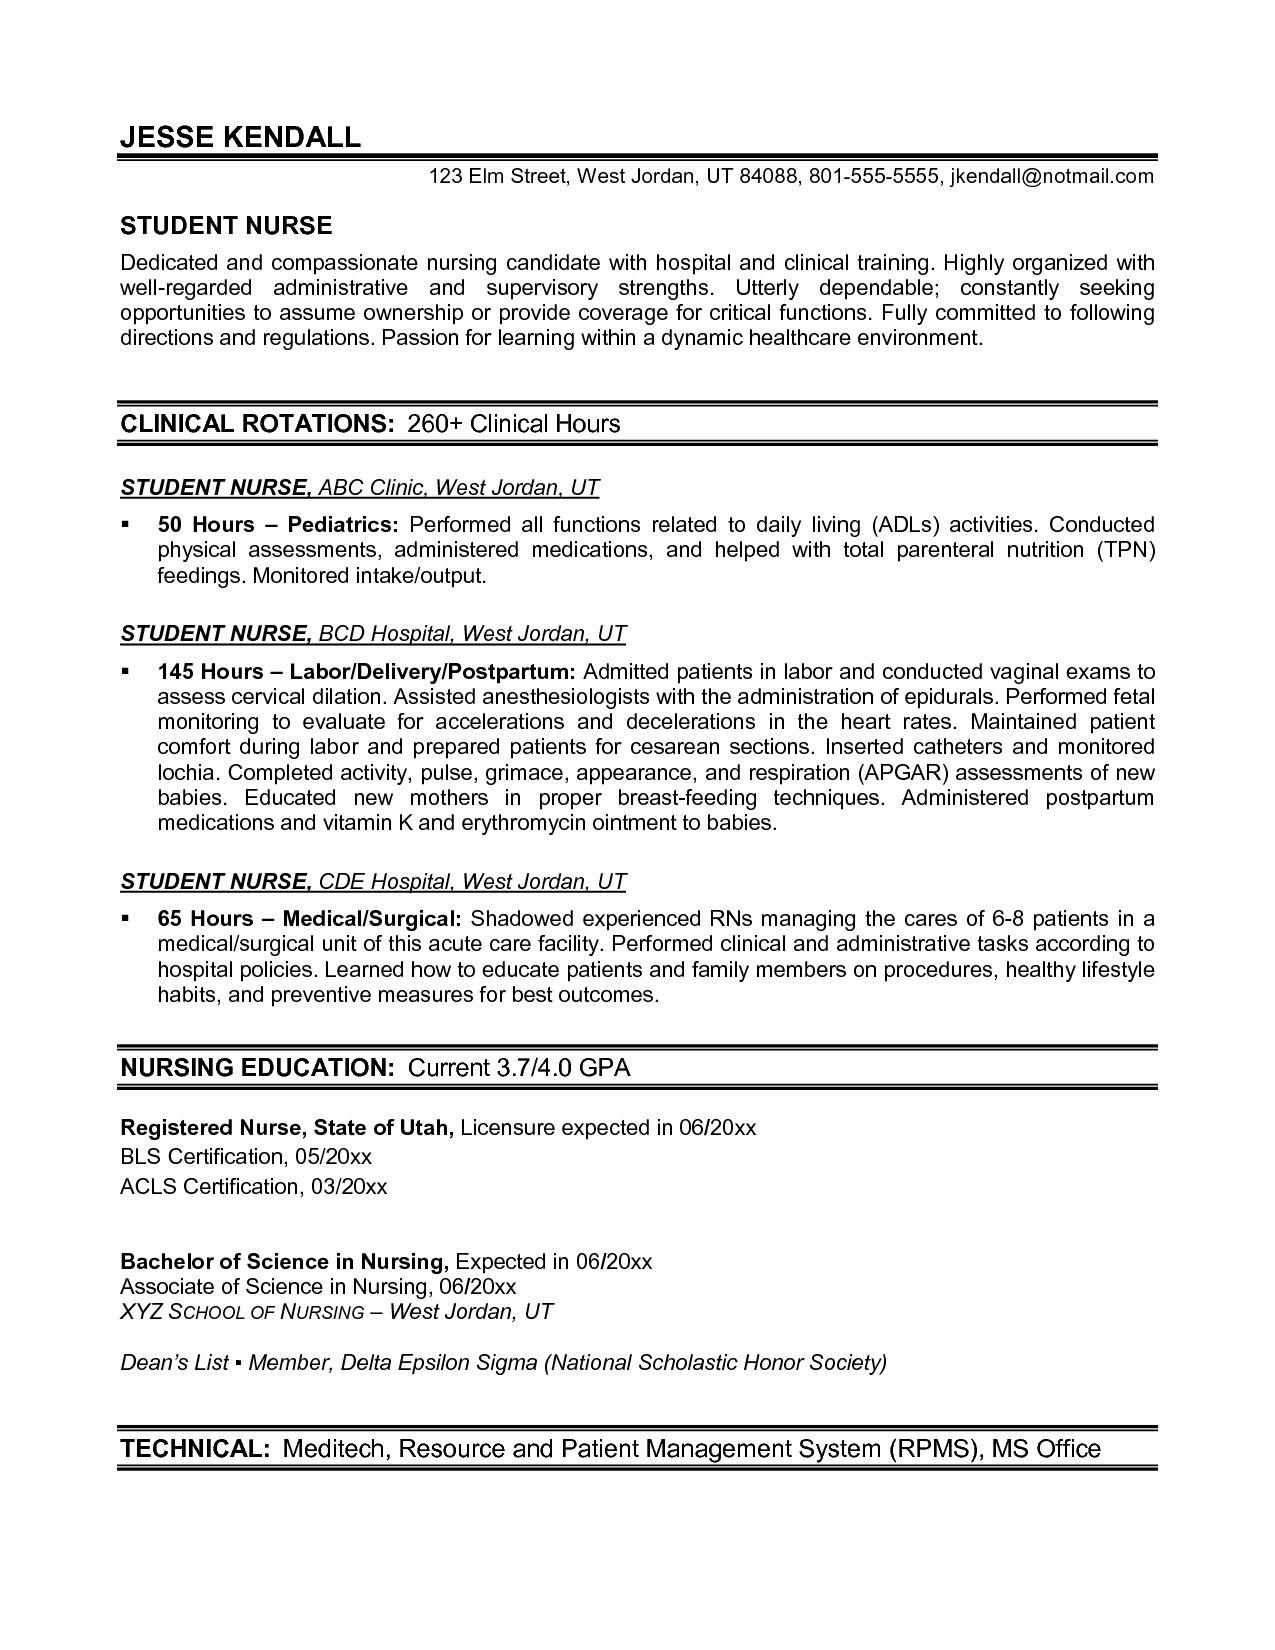 Resume Template Nursing Nursing